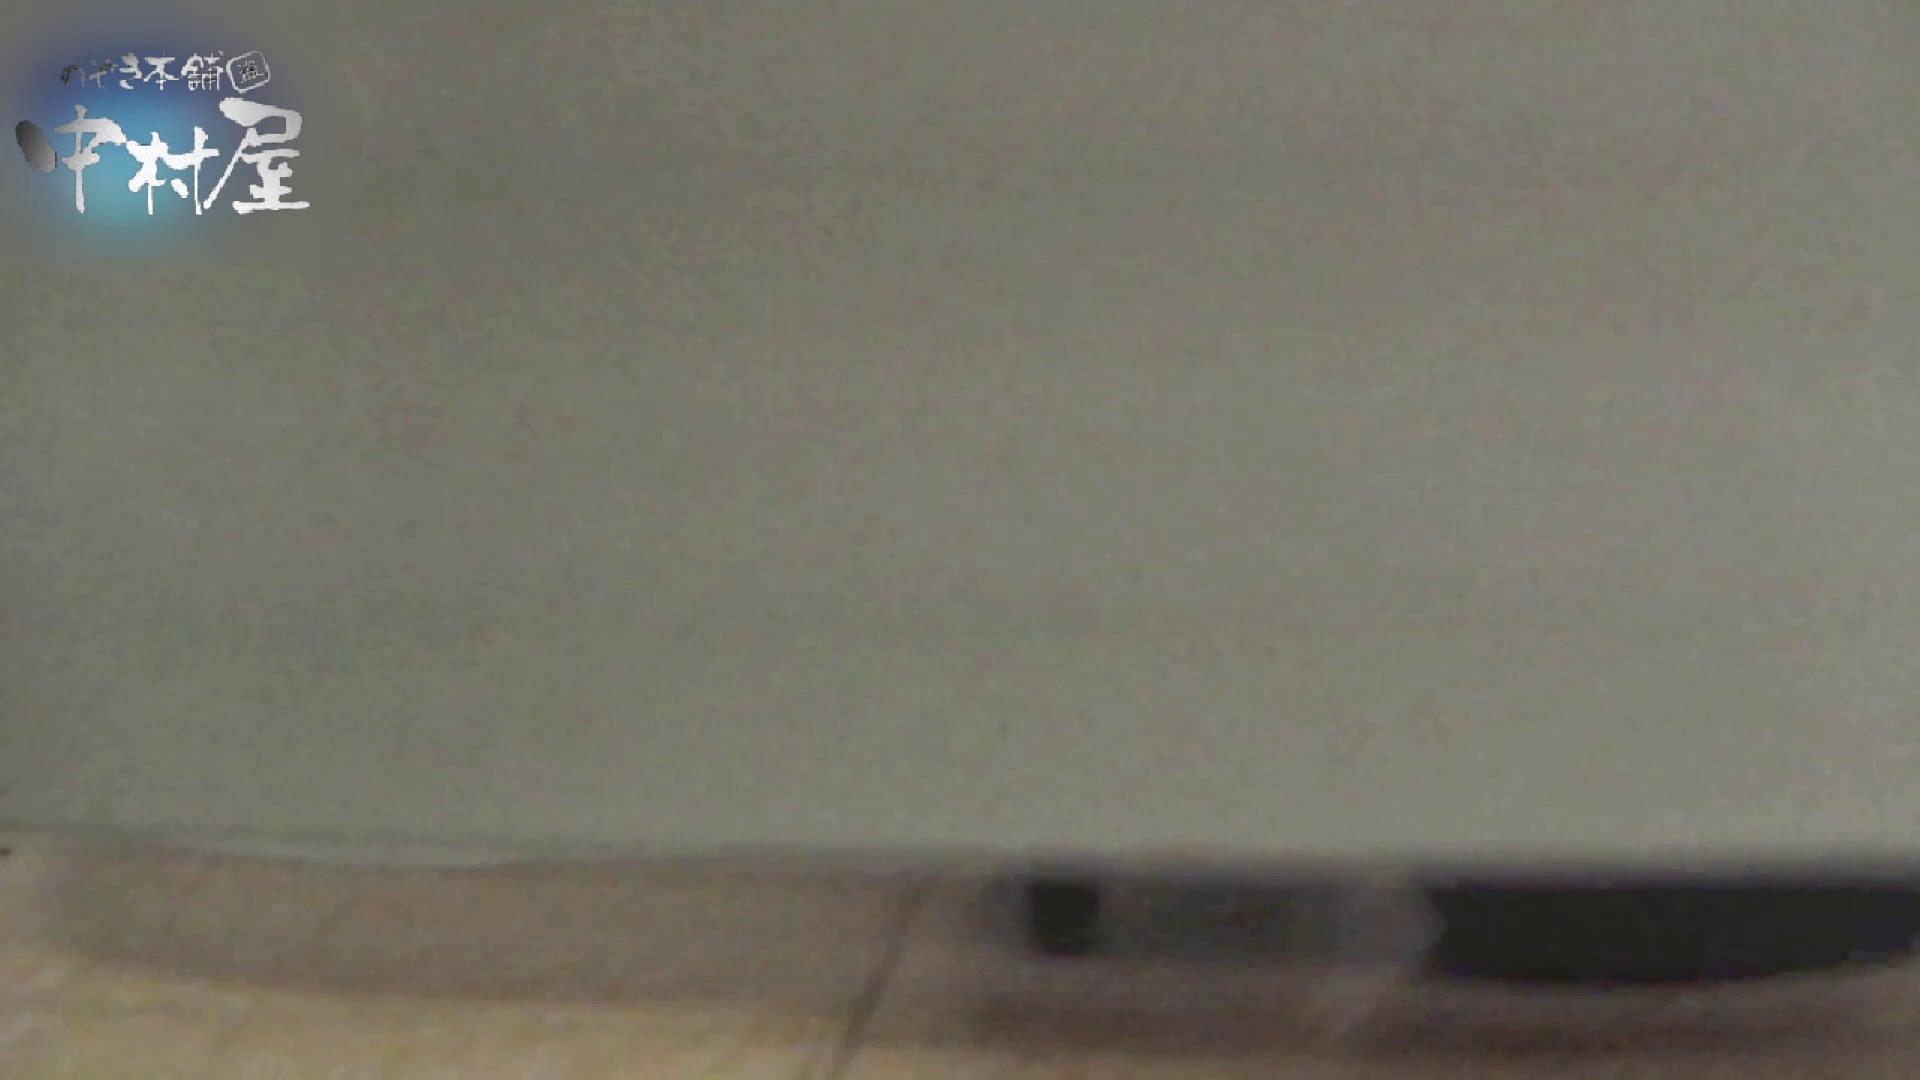 乙女集まる!ショッピングモール潜入撮vol.12 トイレ エロ画像 78PIX 13